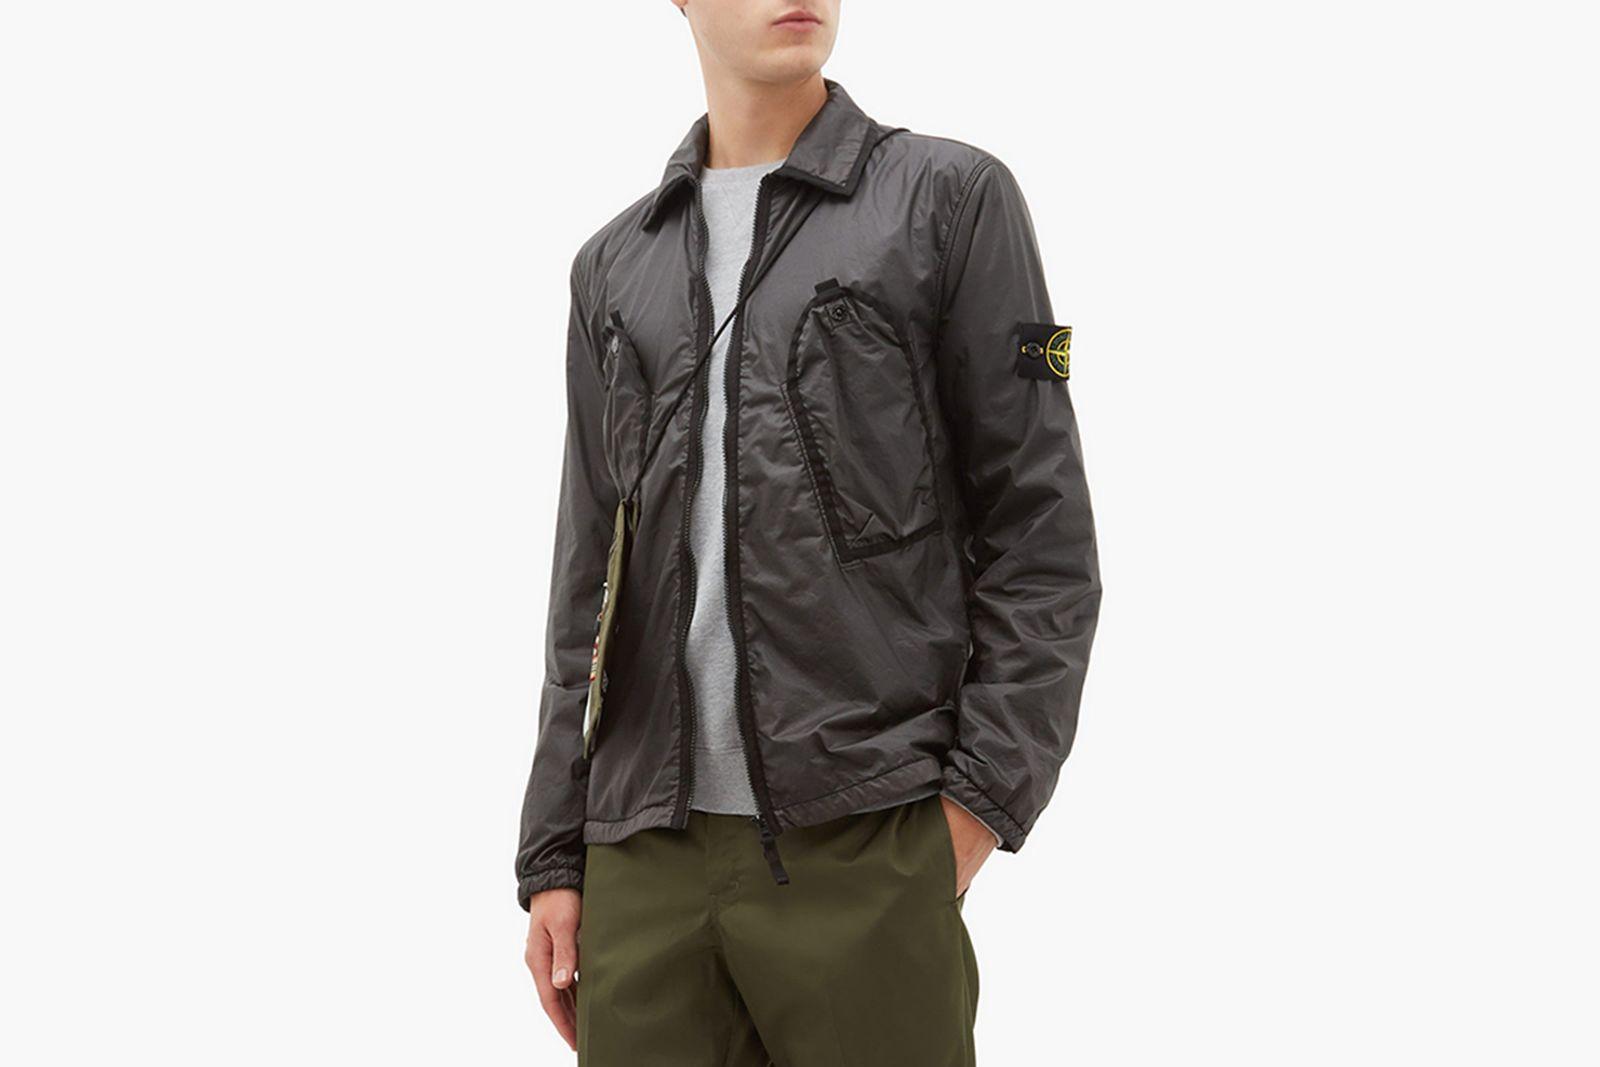 stone-island-jacket-matchesfashion-sale